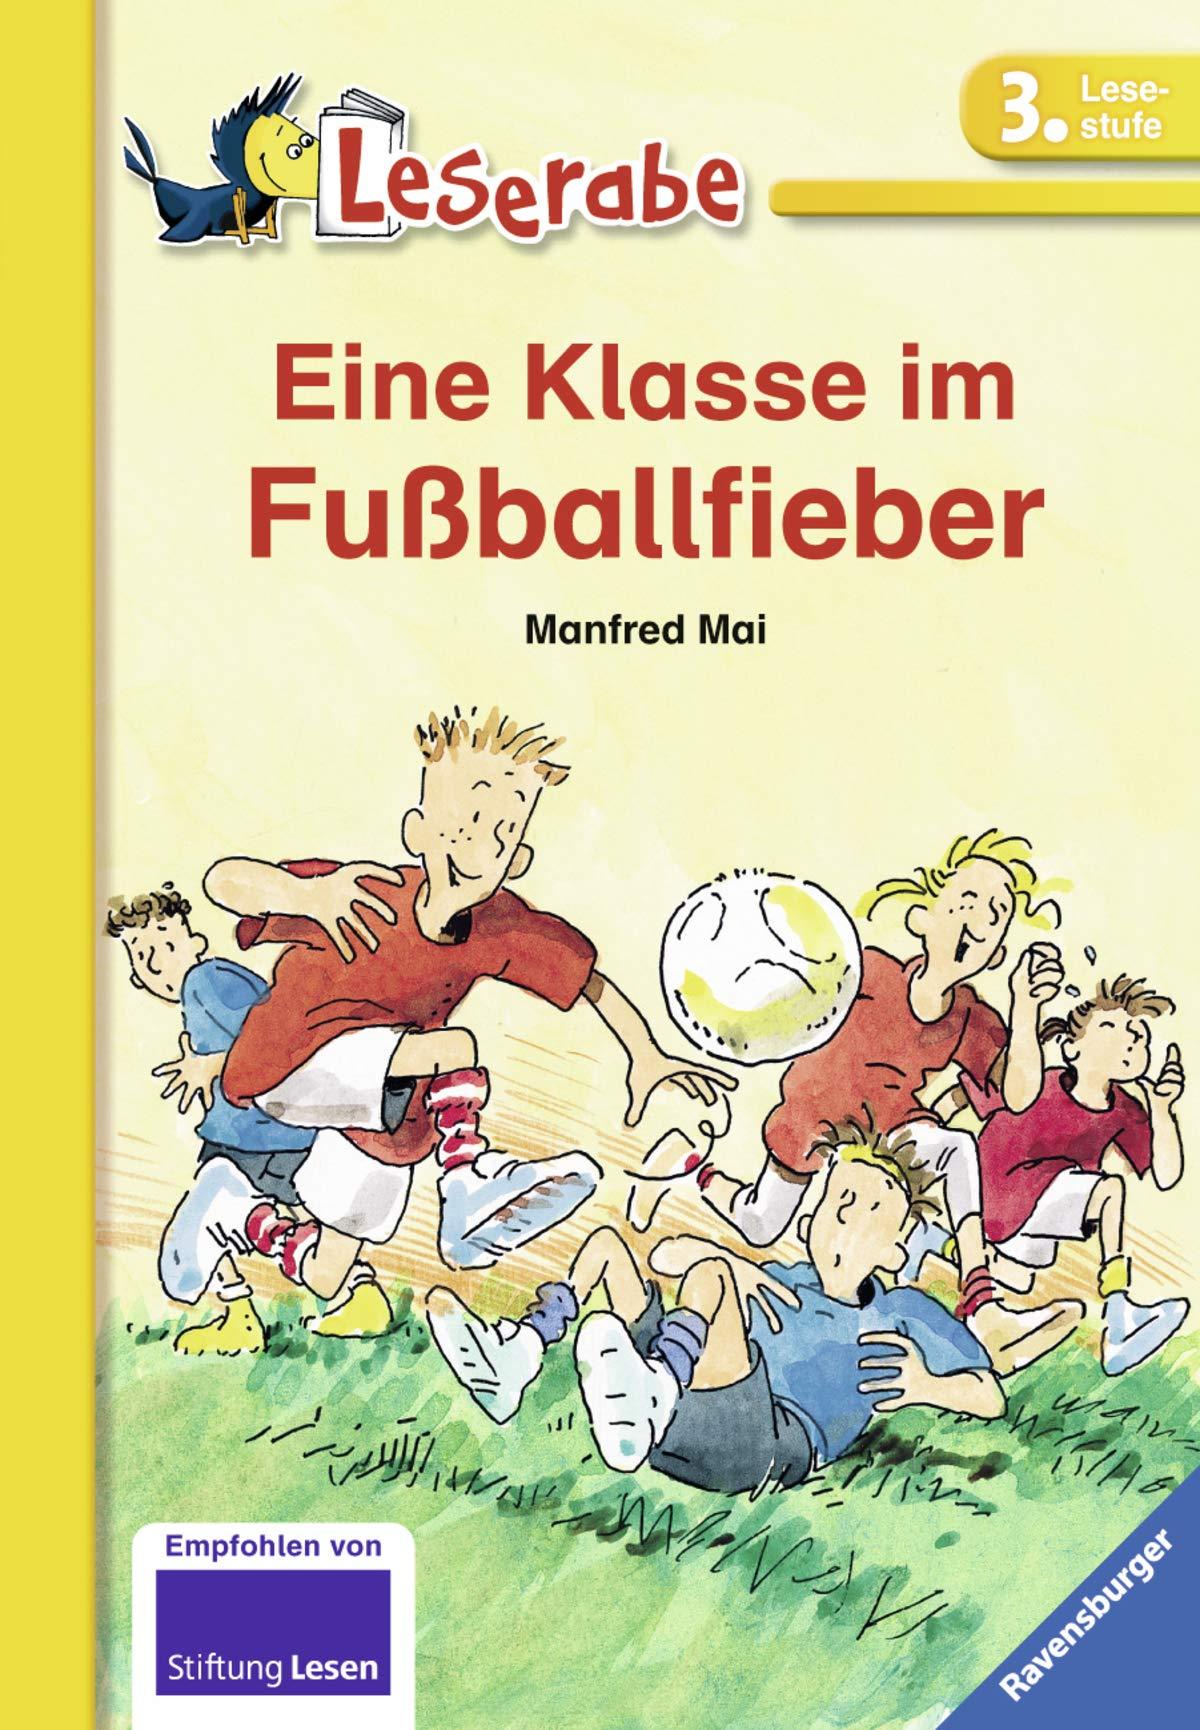 Eine Klasse im Fußballfieber Leserabe - Schulausgabe in Broschur ...